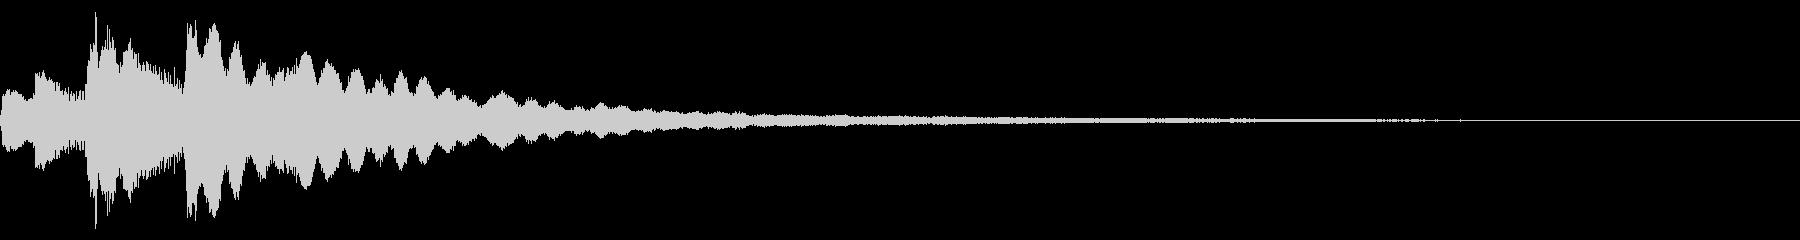 ピコン(ドキュメンタル風綺麗なピアノ)6の未再生の波形